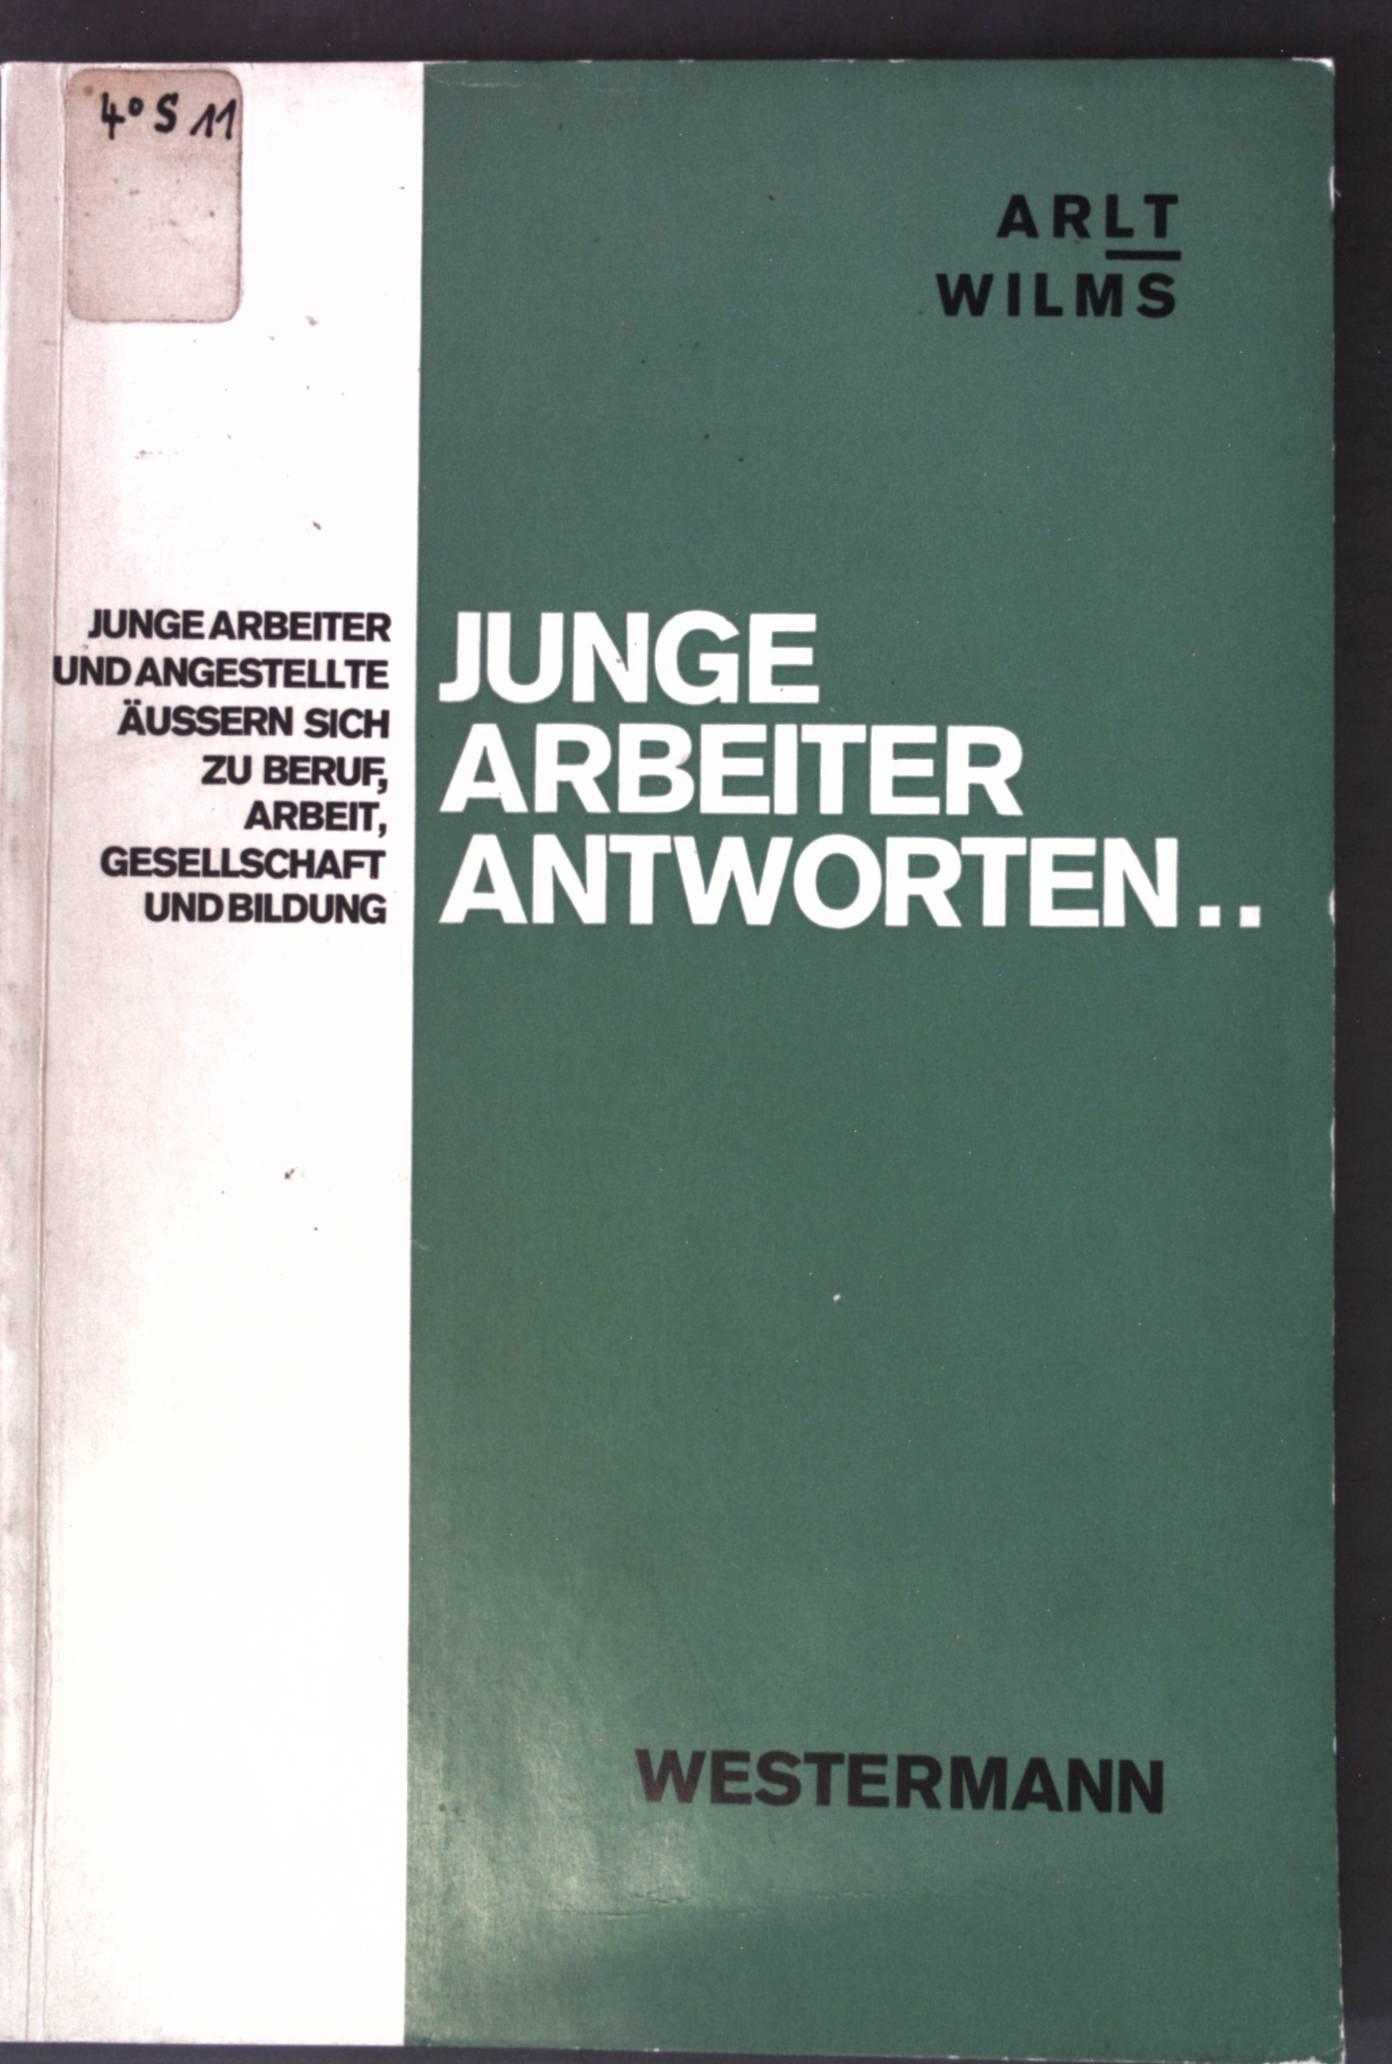 Junge Arbeiter antworten.: Junge Arbeiter und Angestellte: Arlt, Fritz und